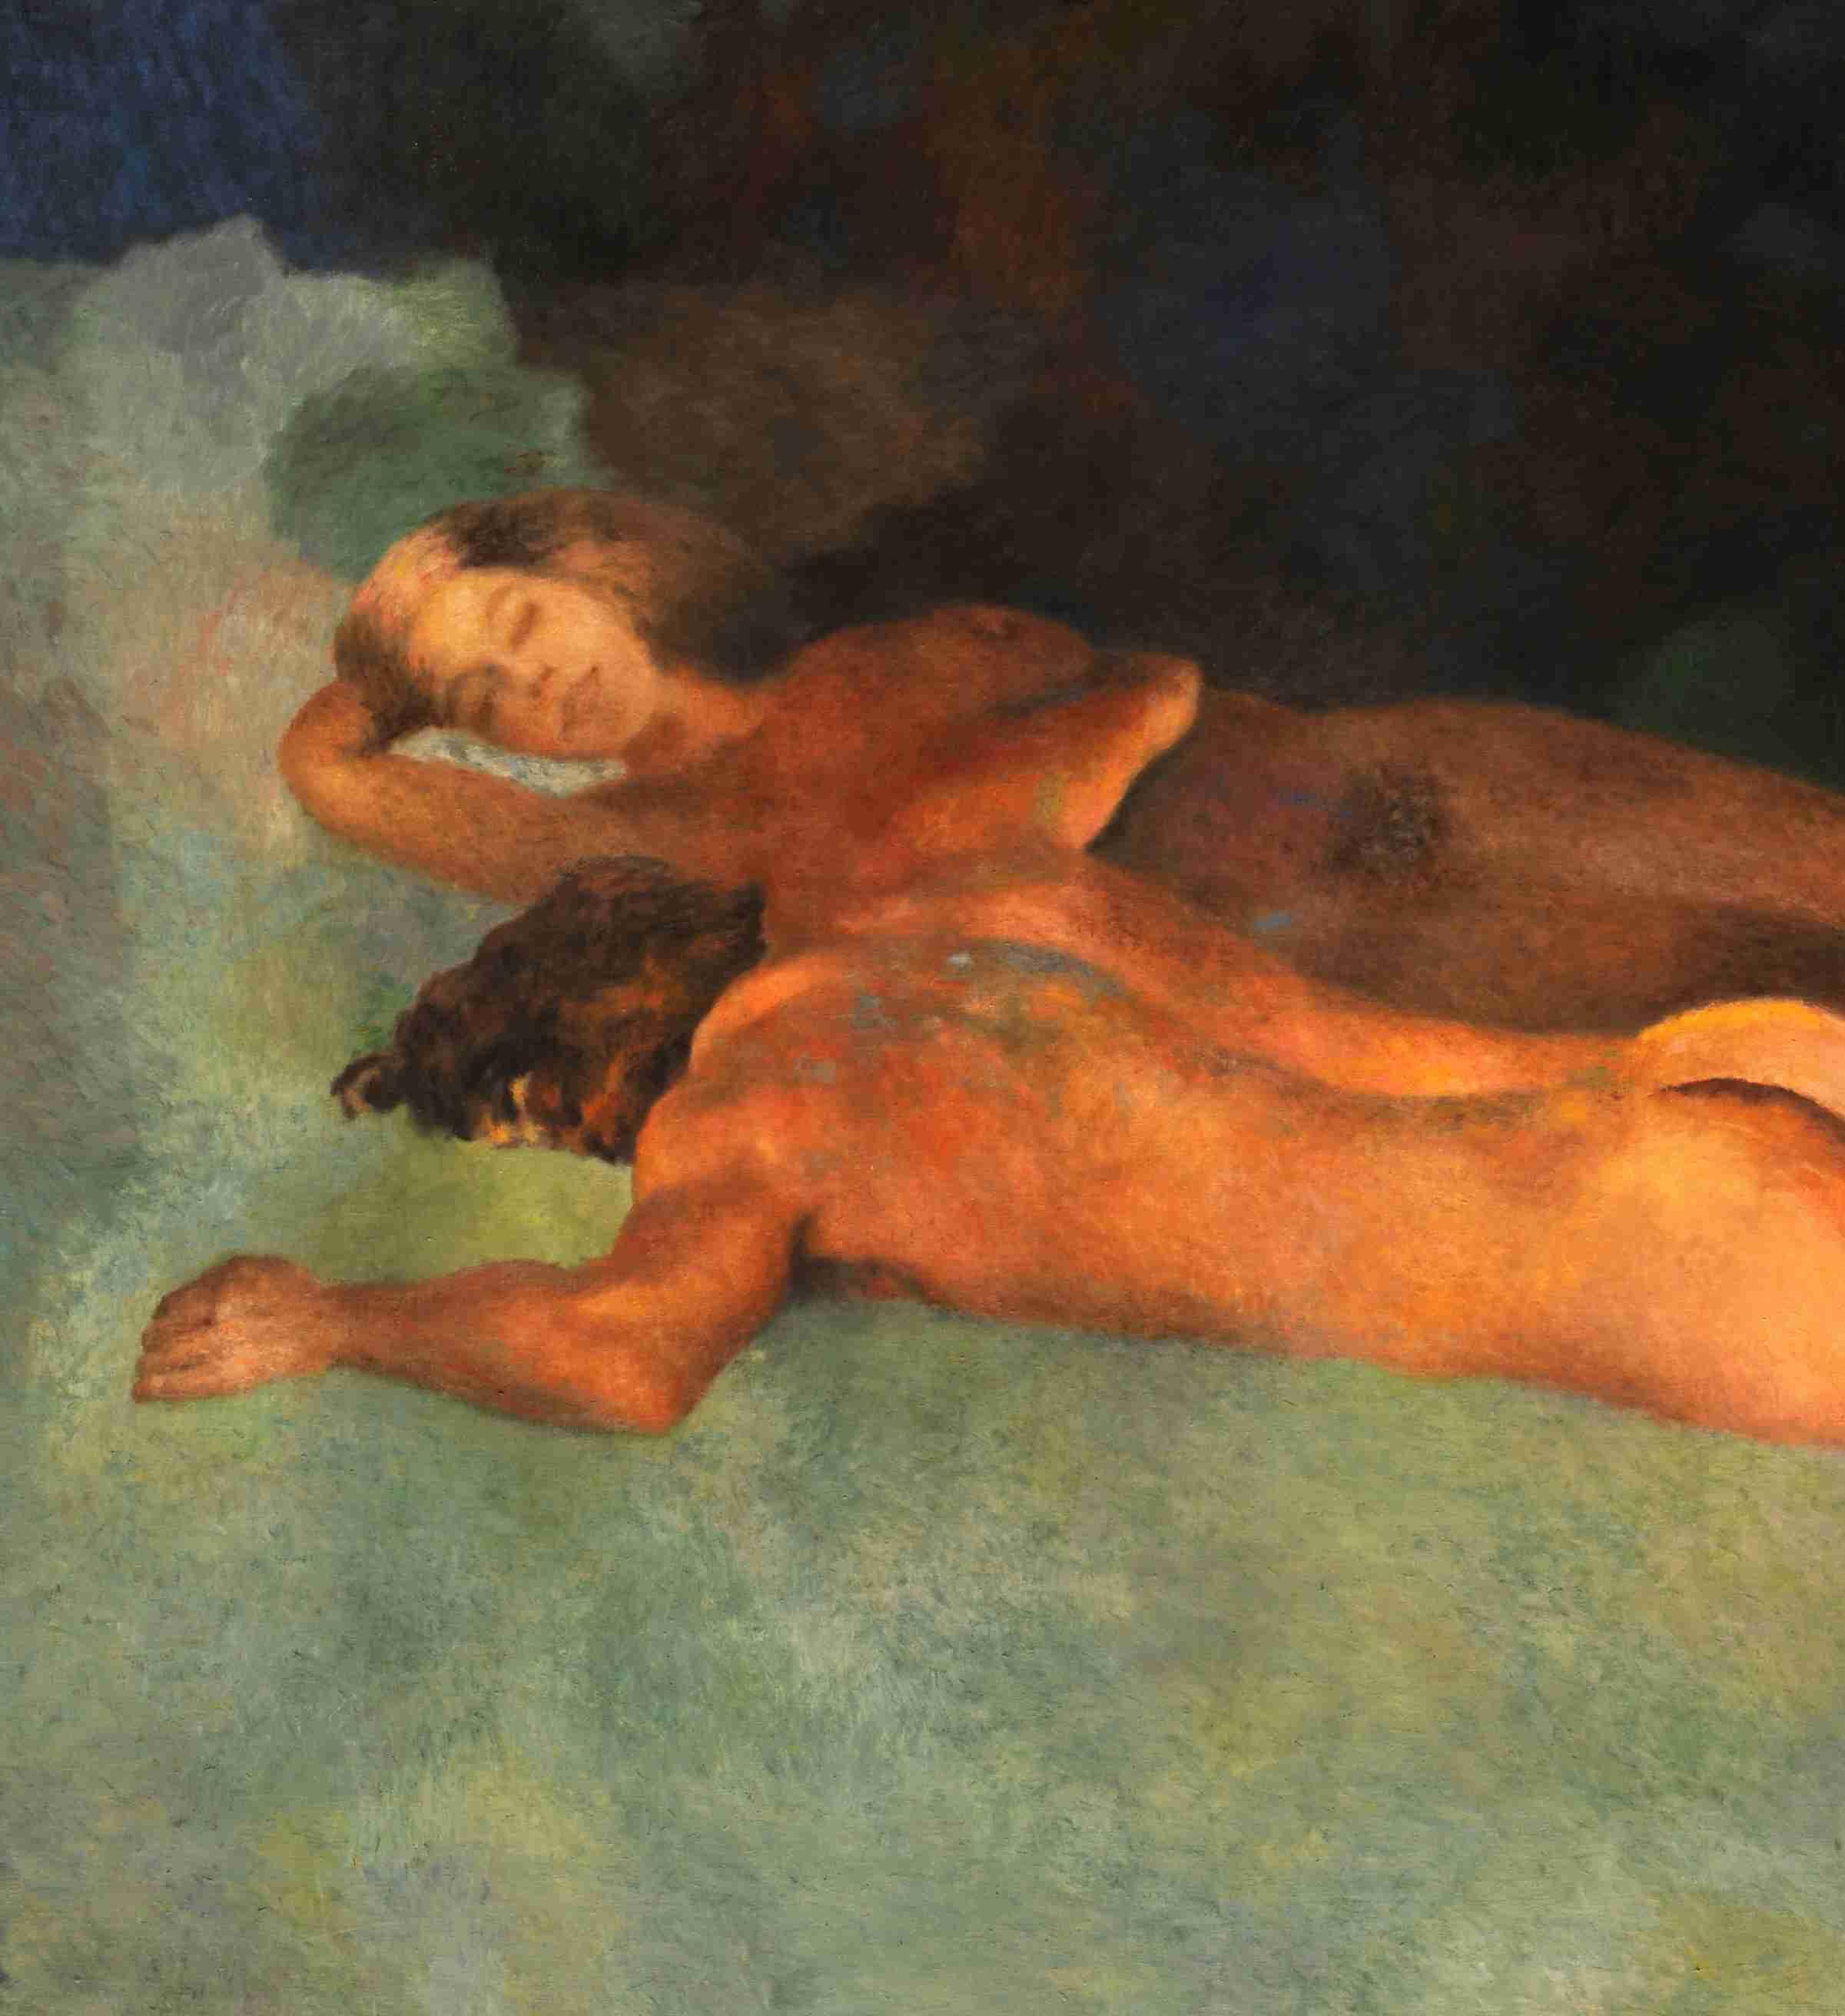 Le couple endormi